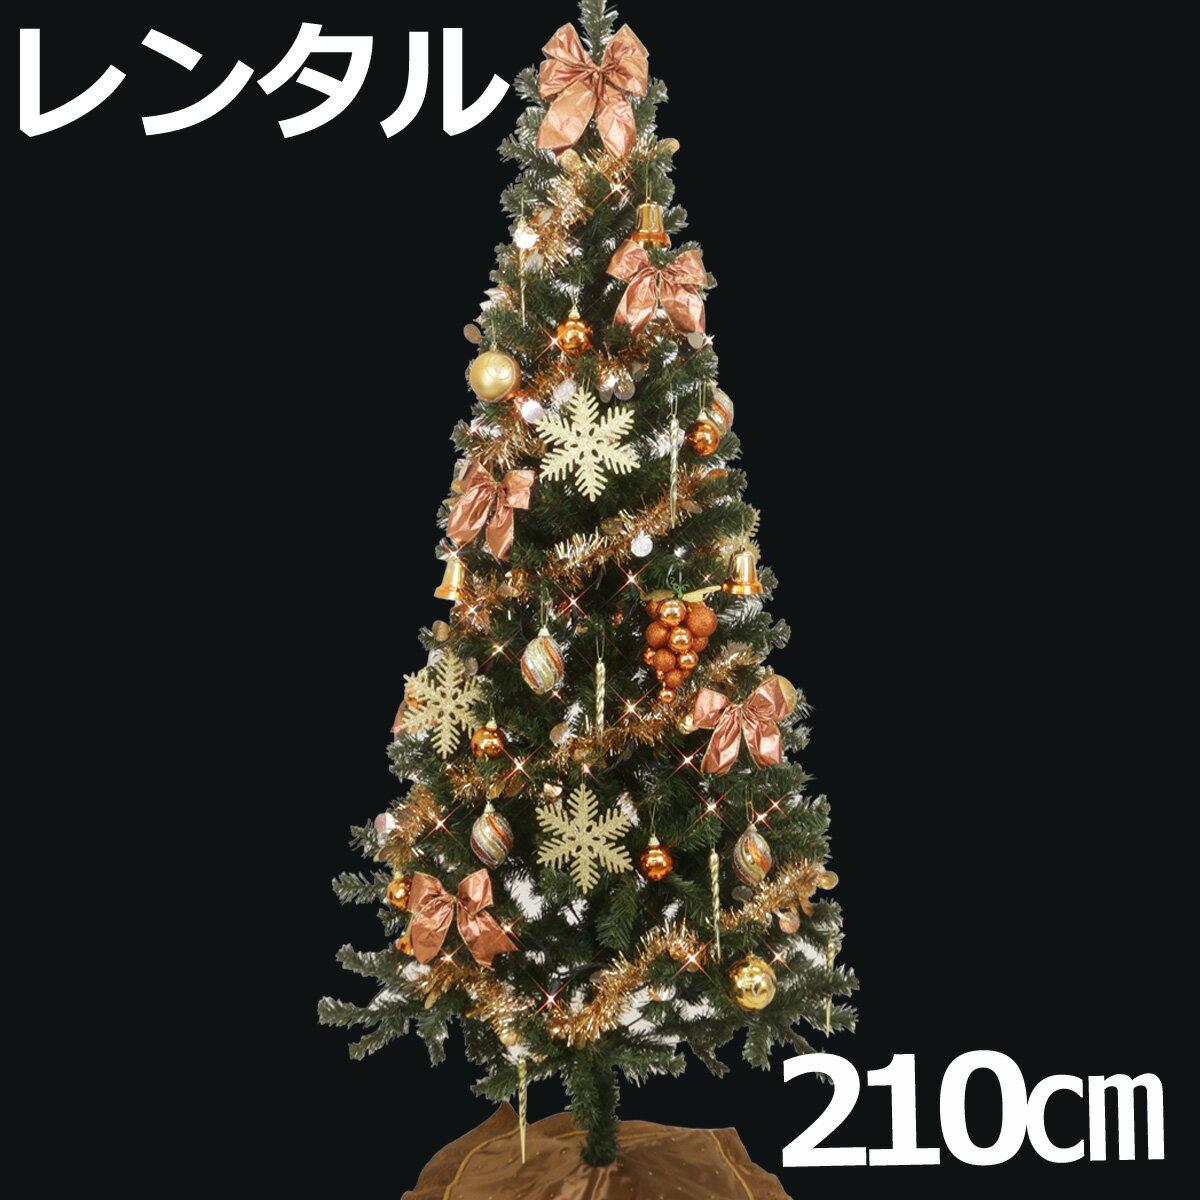 【レンタル】 クリスマスツリー セット 210cm コパー&ゴールド 【往復 送料無料】 クリスマスツリー レンタル fy16REN07